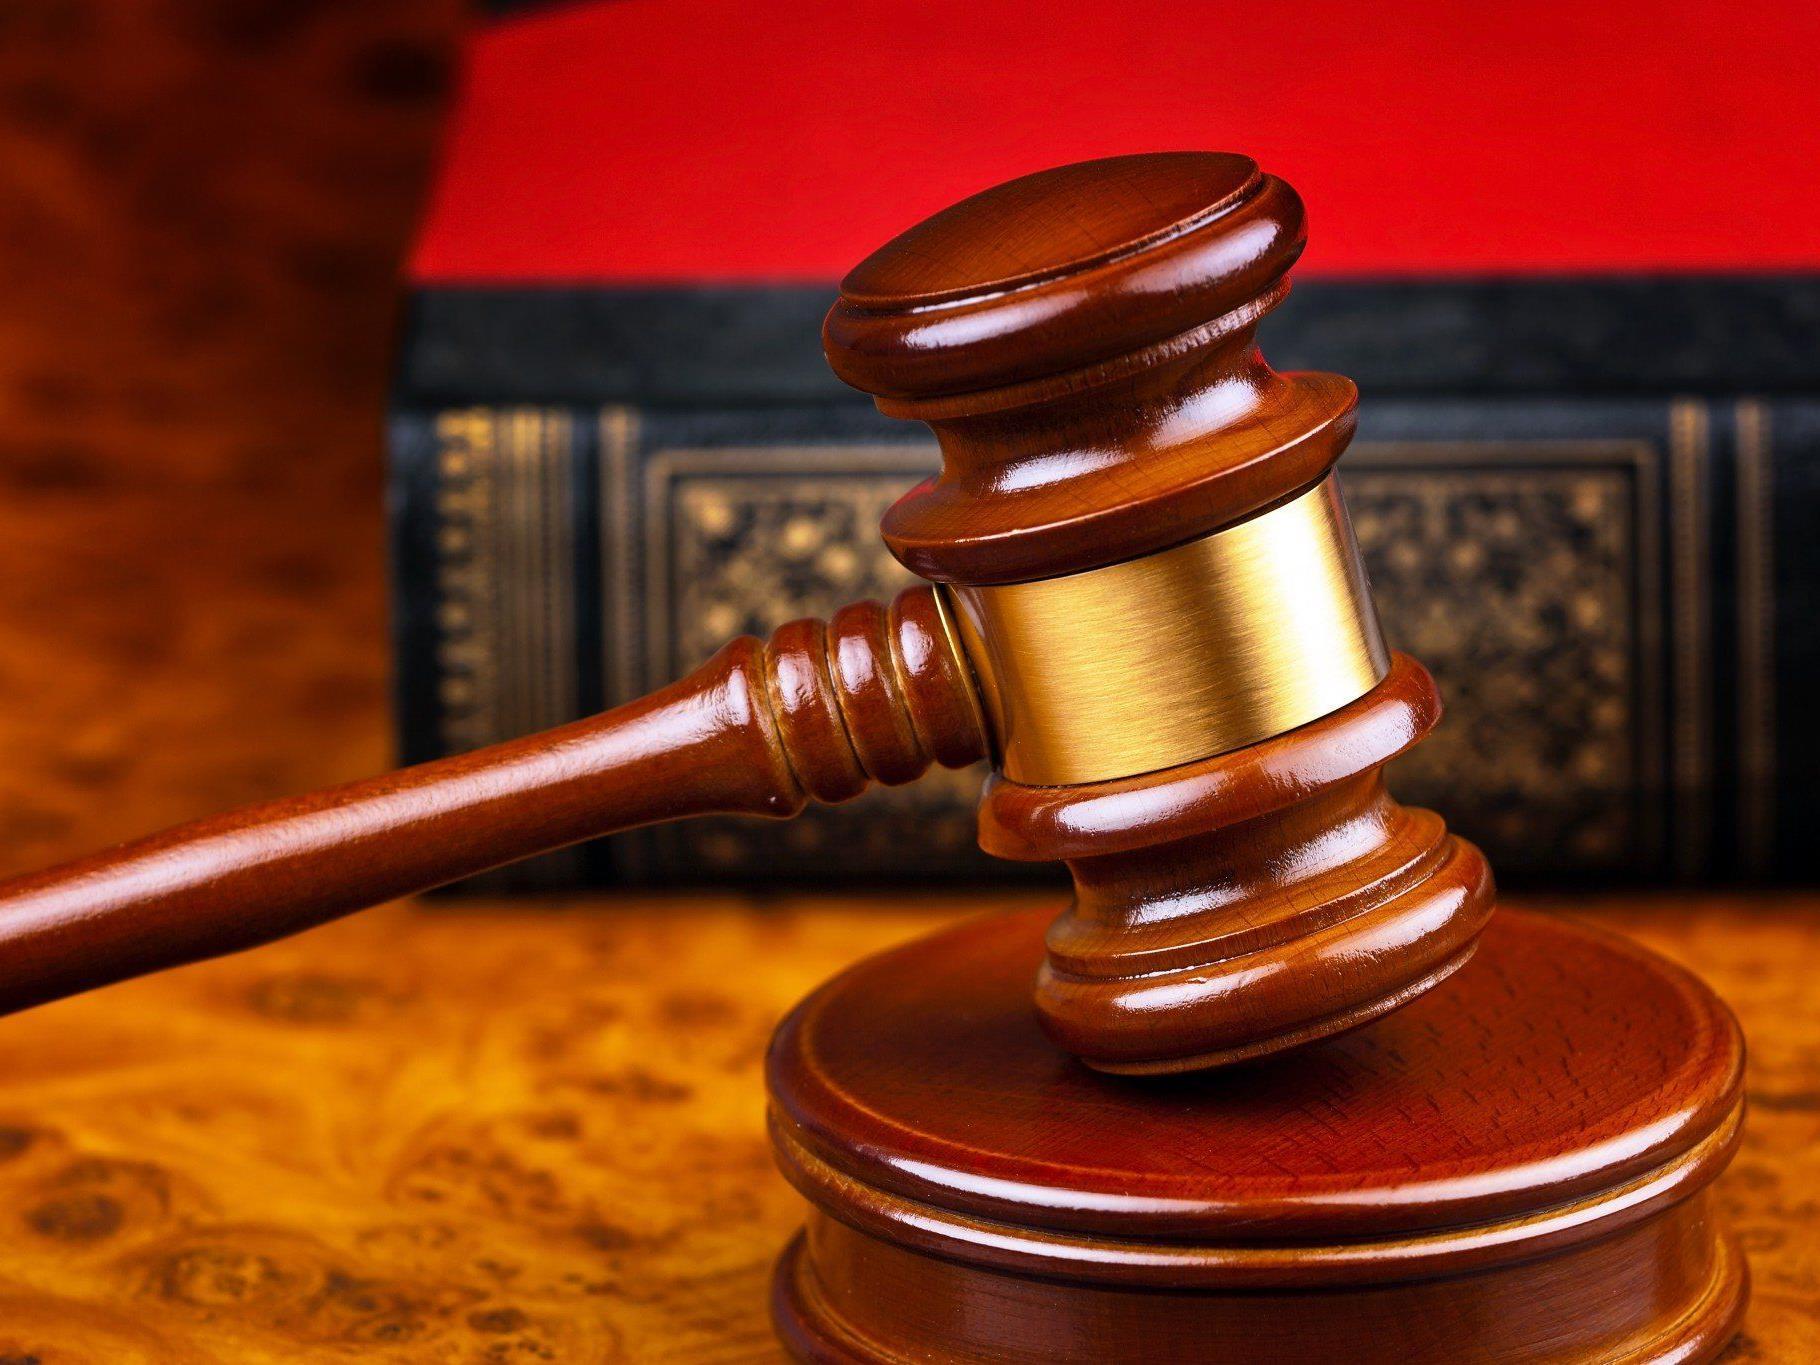 Gericht beruft sich auf Grundsatz der Trennung von Kirche und Staat.